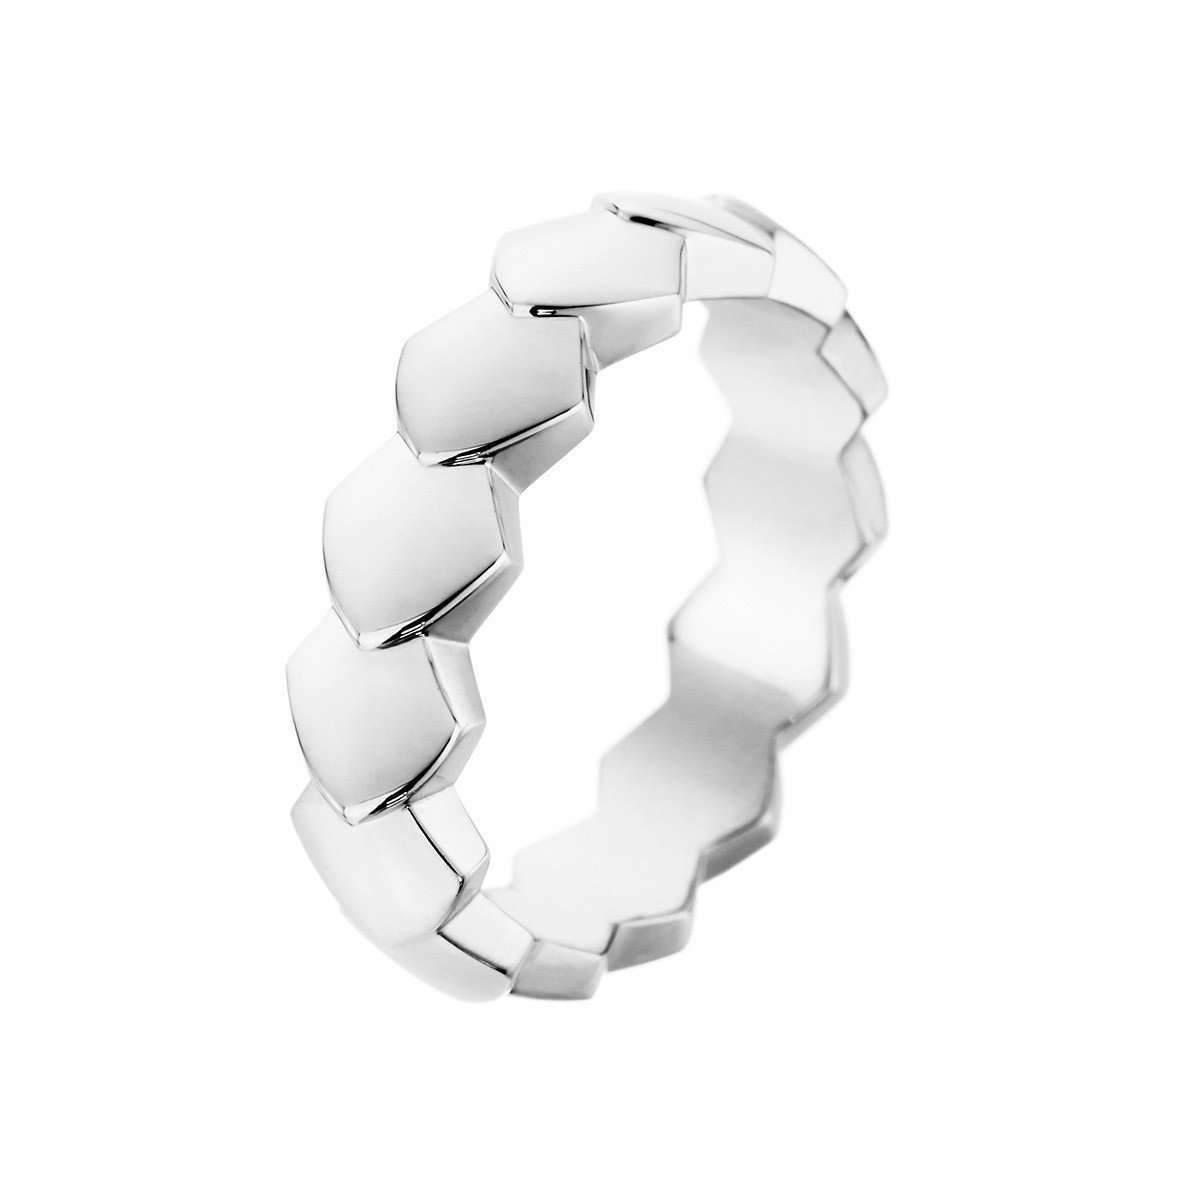 Akillis Python White Gold Diamond Tatou Ring - UK L 1/4 - US 5 3/4 - EU 52 FXVtk